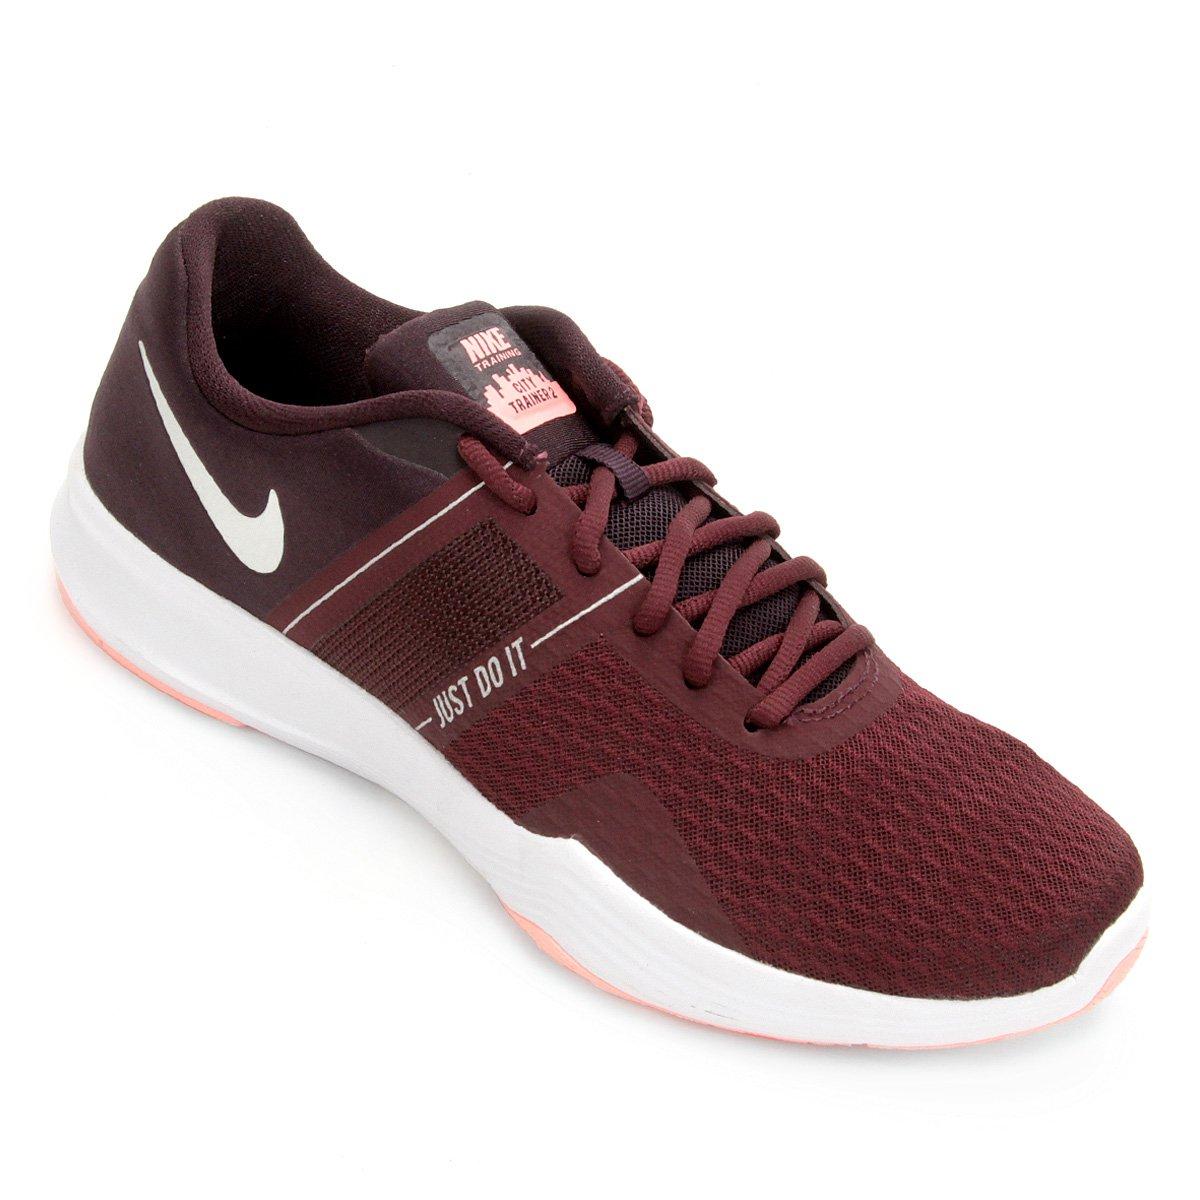 c2341f59f8 Tênis Nike City Trainer 2 Feminino - Vinho e Prata - Compre Agora ...